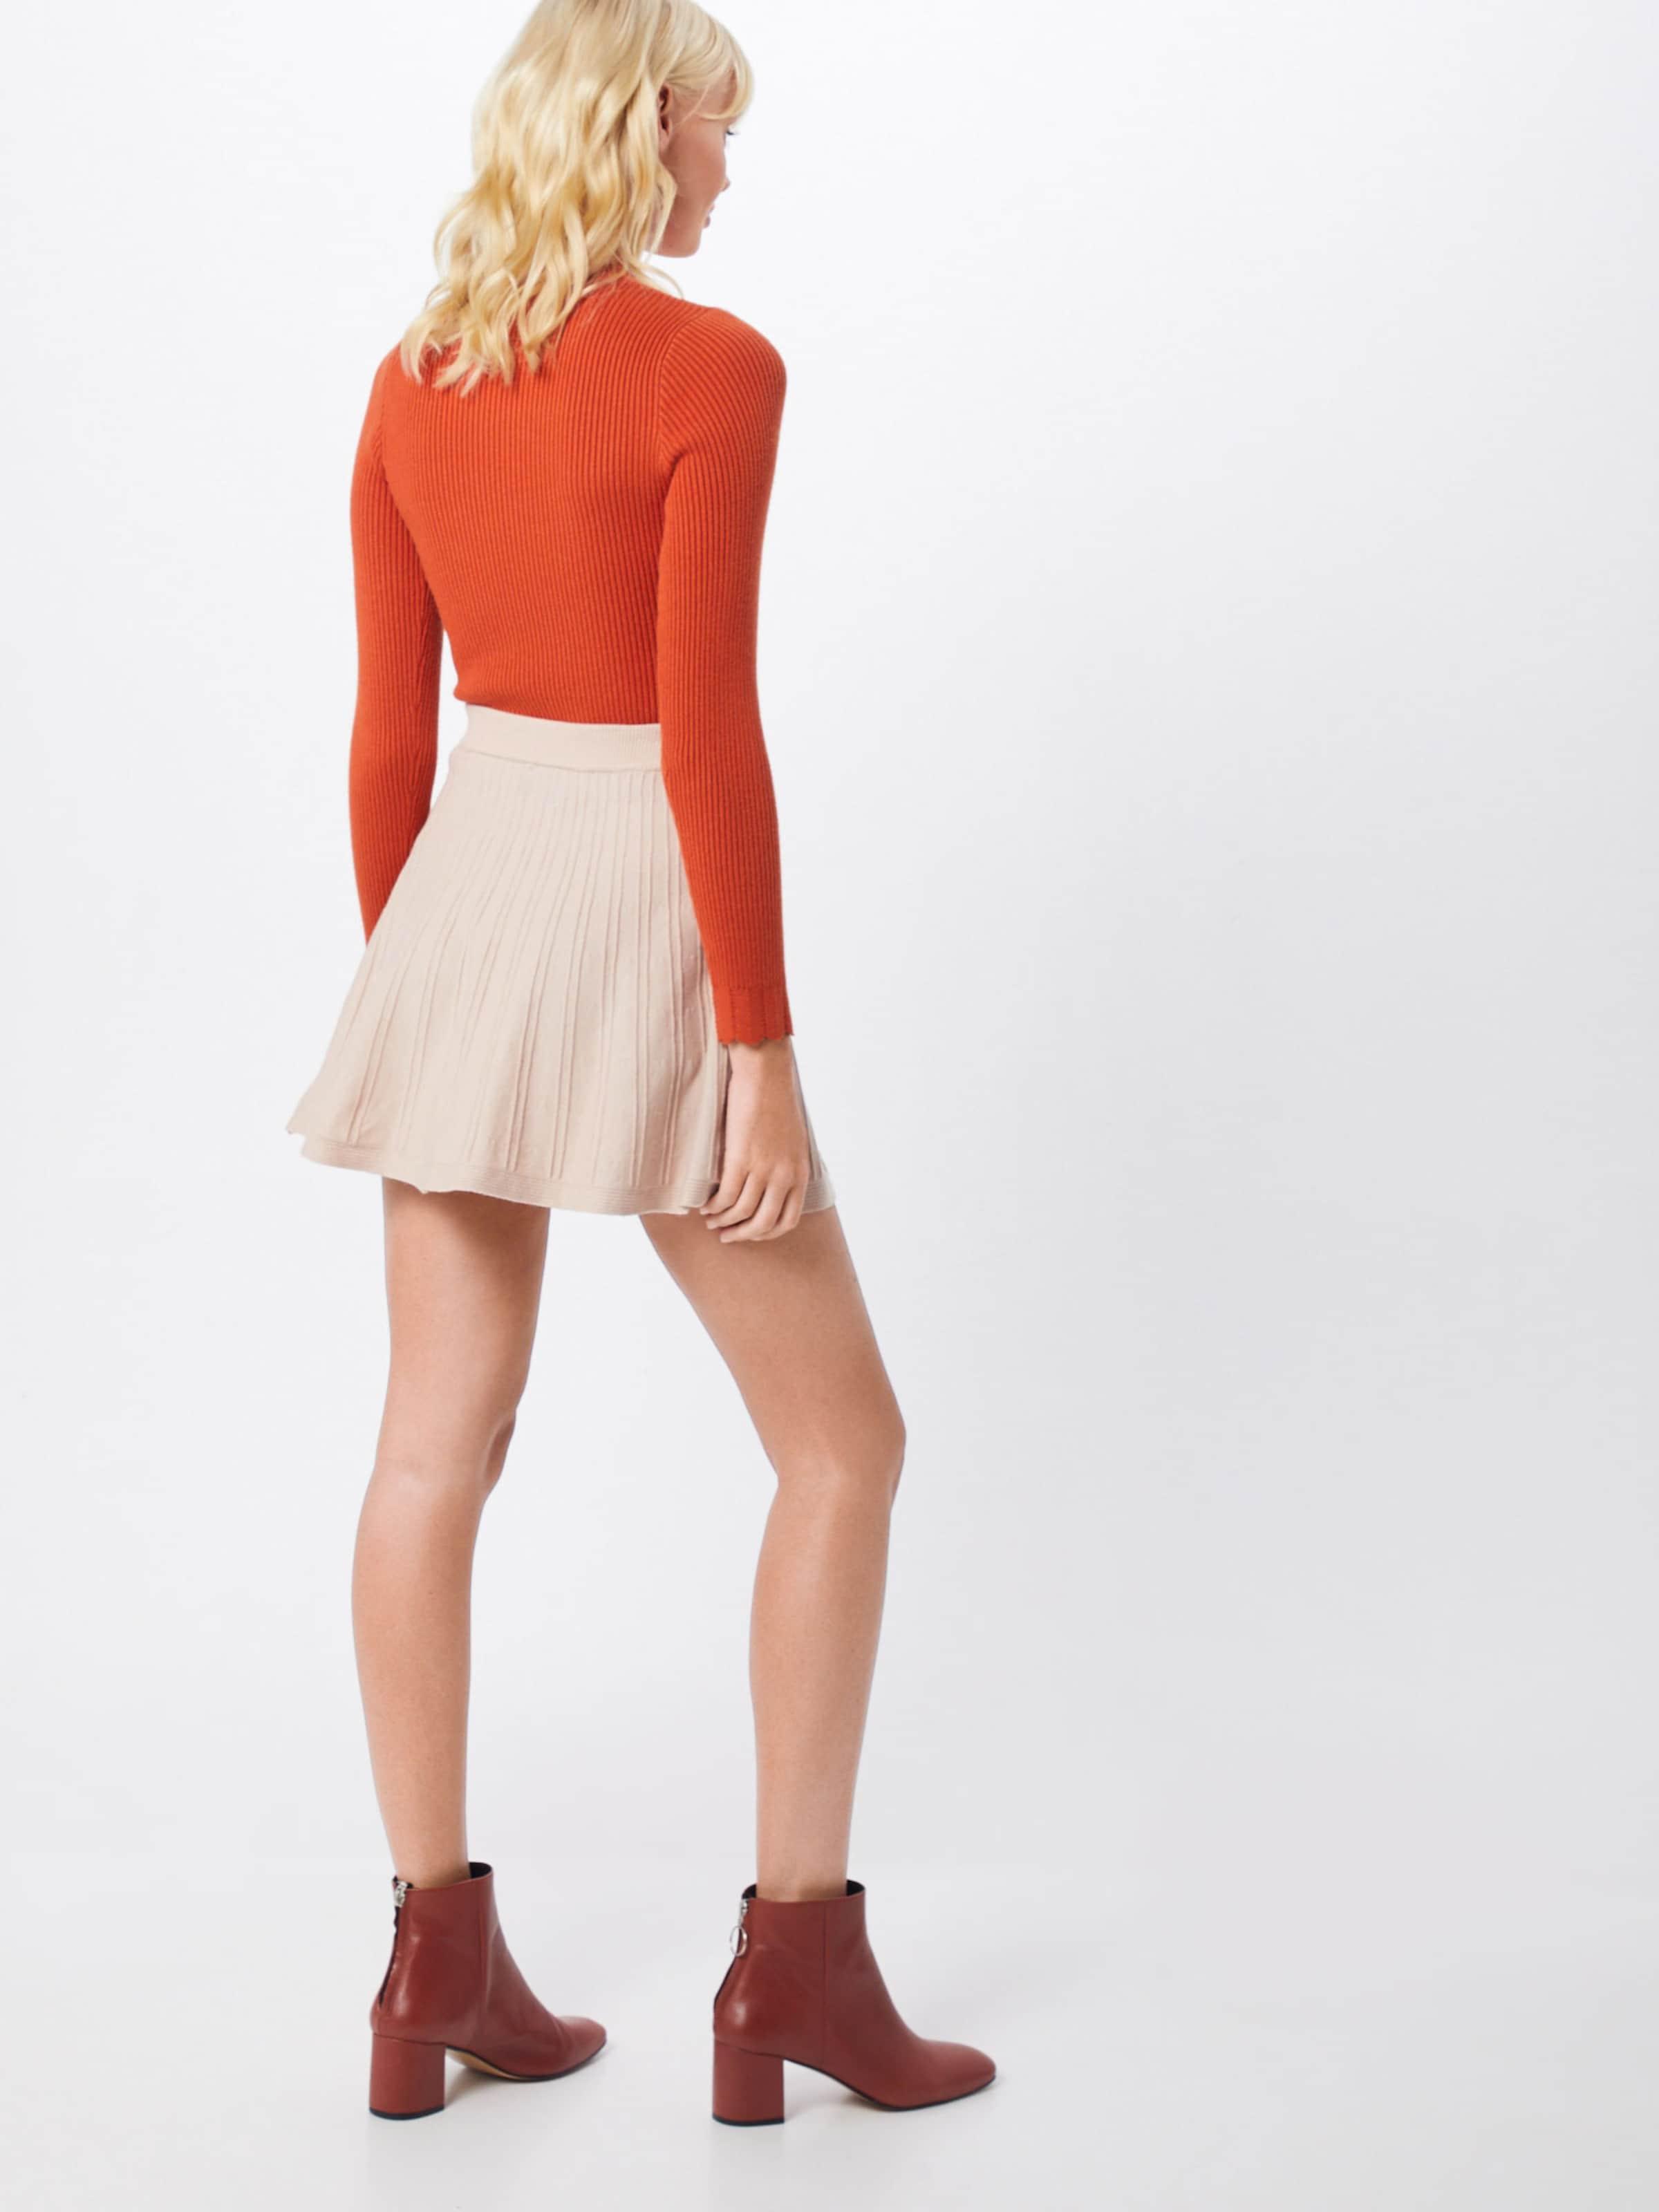 En Lines Nude Parallel Jupe 'flipside Skirt' H9DIYeE2bW